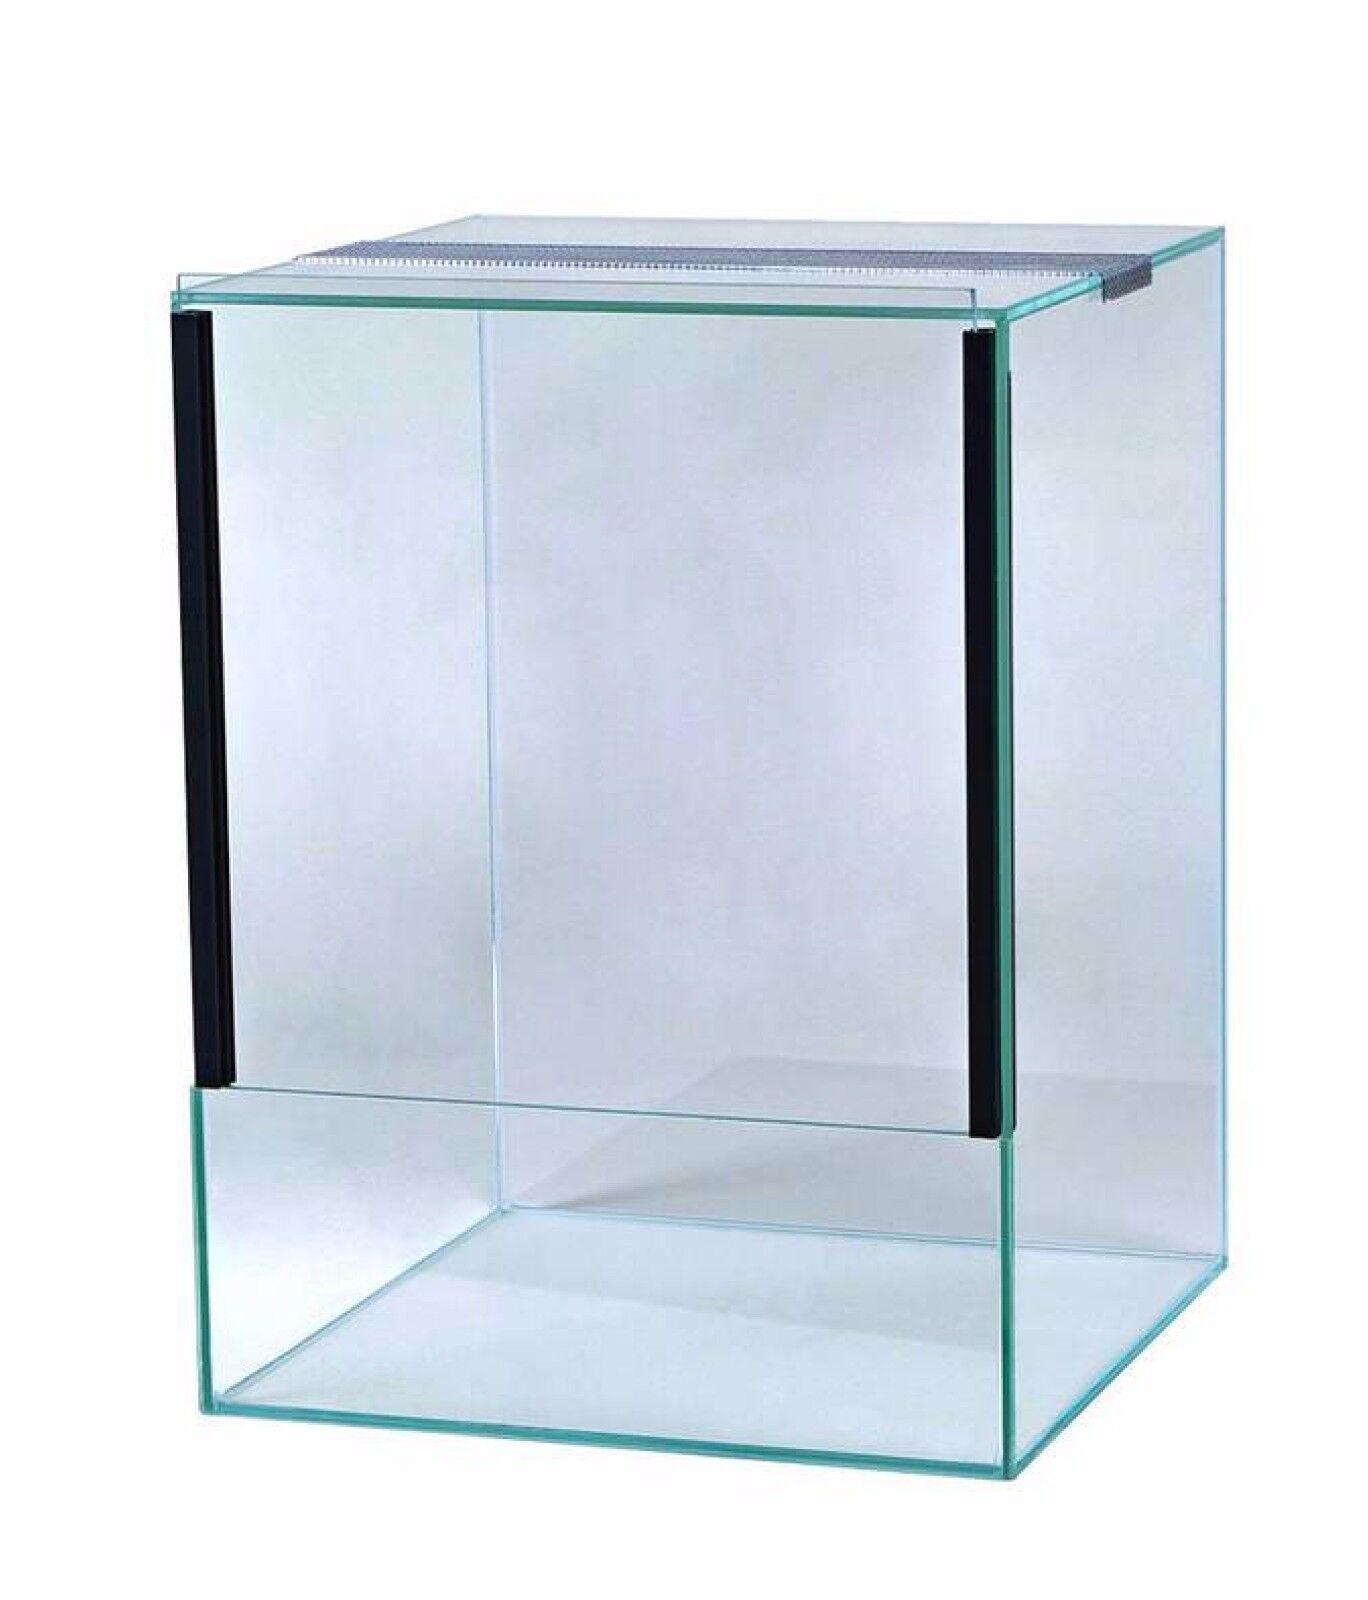 Glas Terrarium Schiebetür Falltür Glasterrarium Reptilien Spinnen viele Größen 20x20x50 Falltür